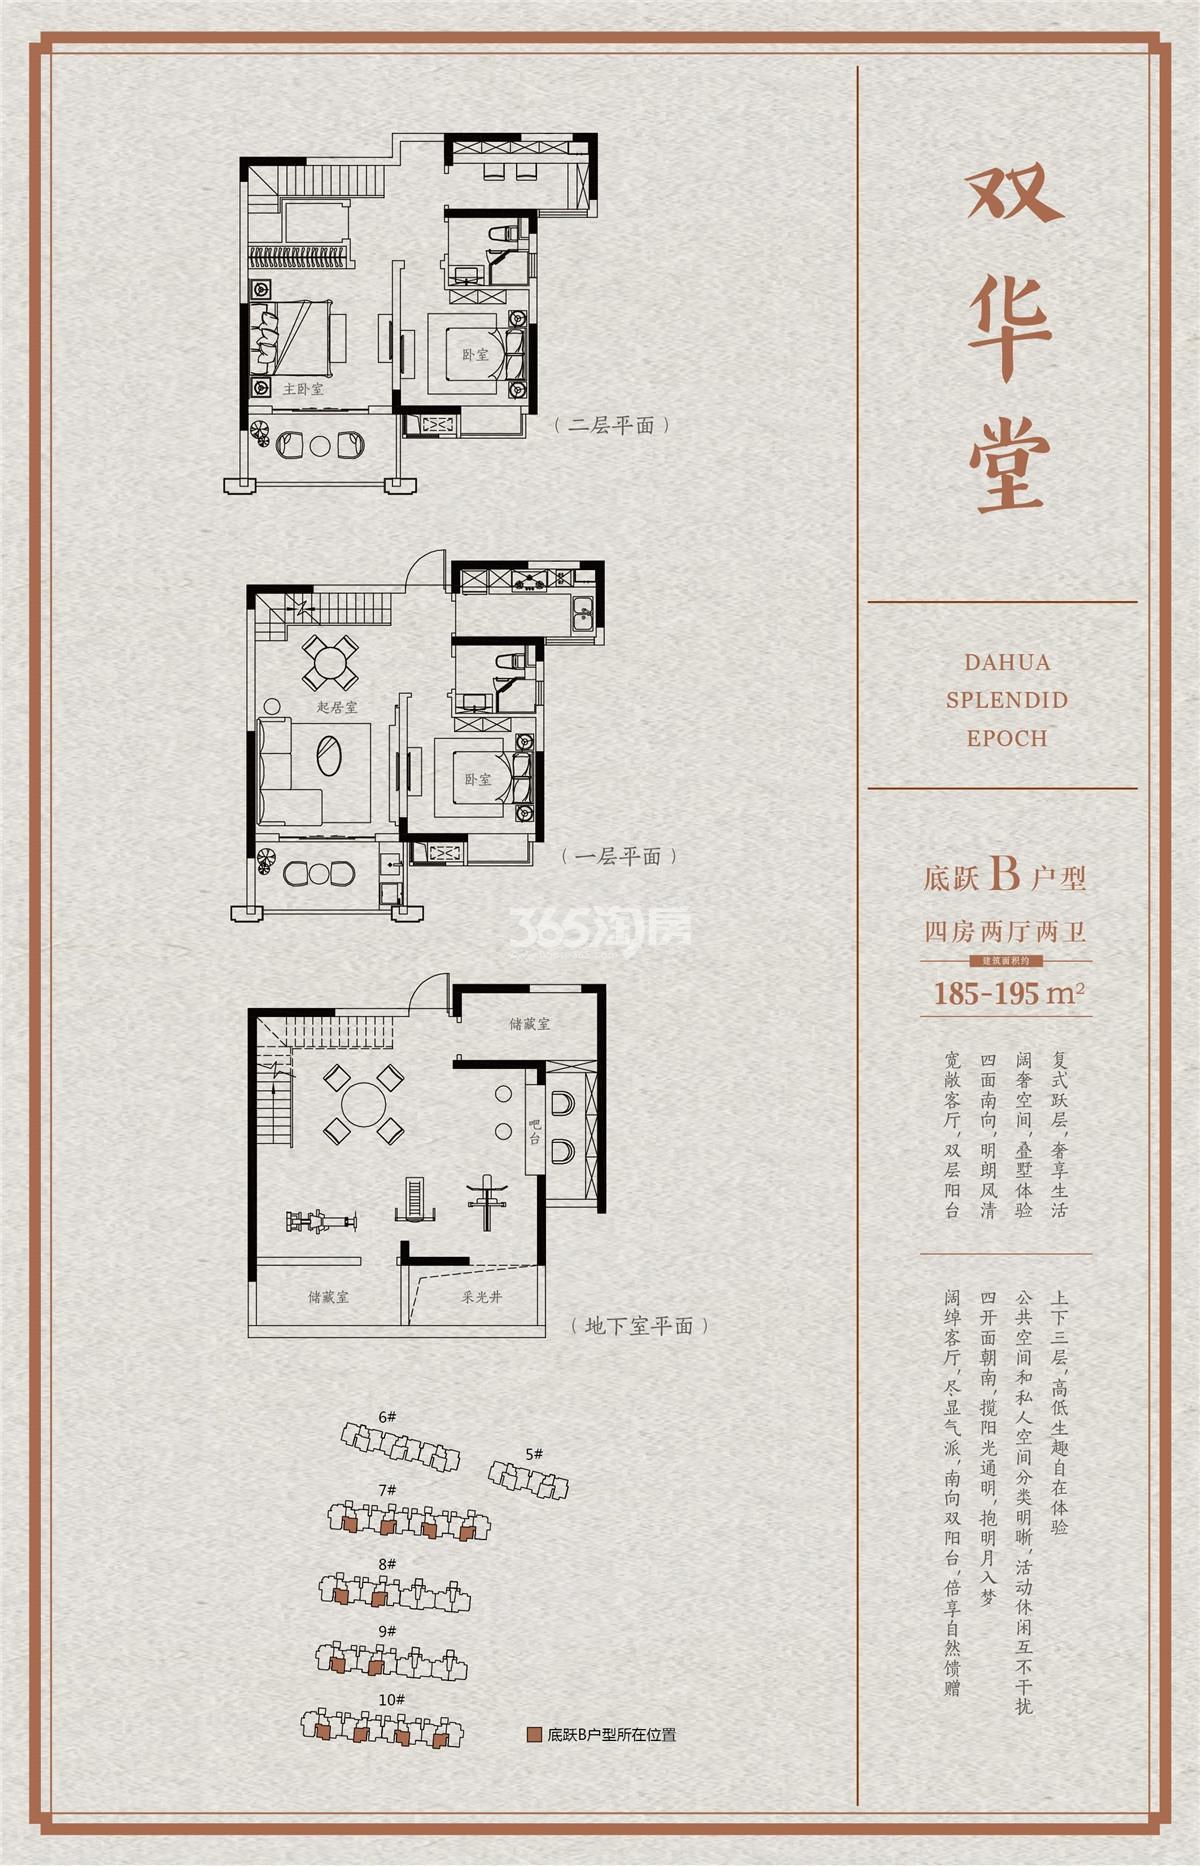 大华锦绣时代双华堂185-195㎡底跃B户型